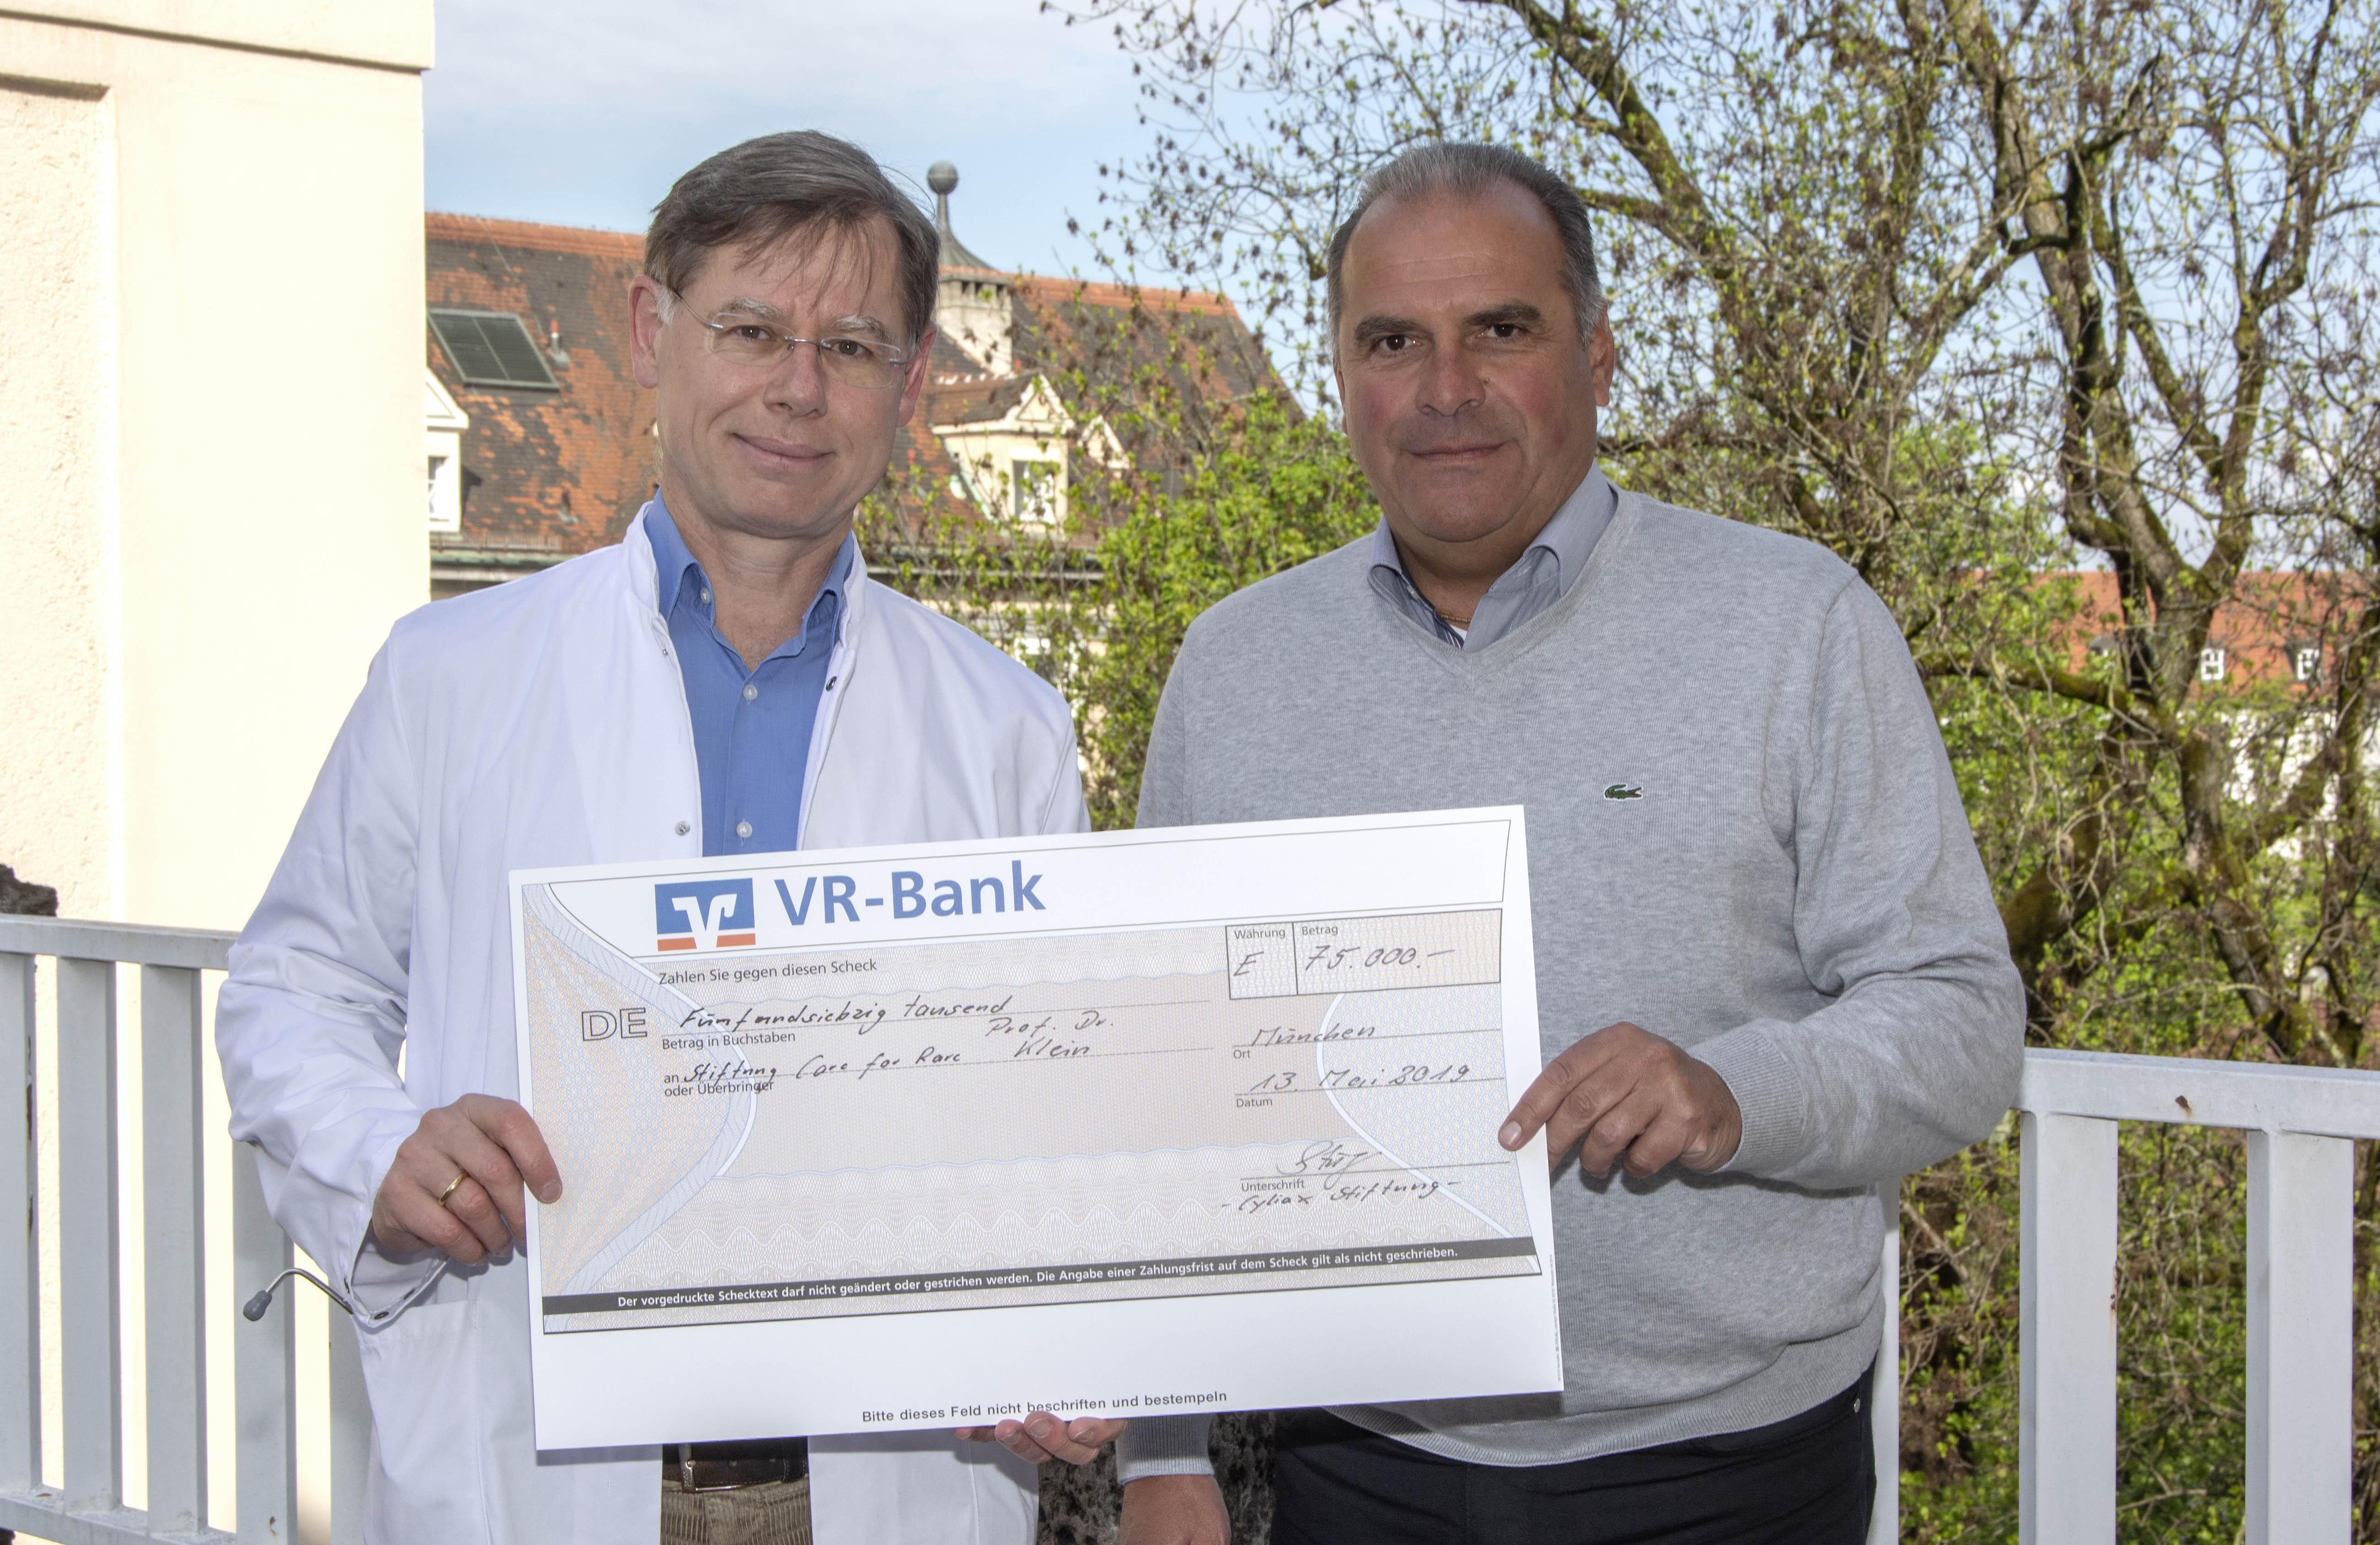 Spendenübergabe an Prof. Dr. Christoph Klein / Haunersche Kinderklinik / Care-for-Rare Foundation